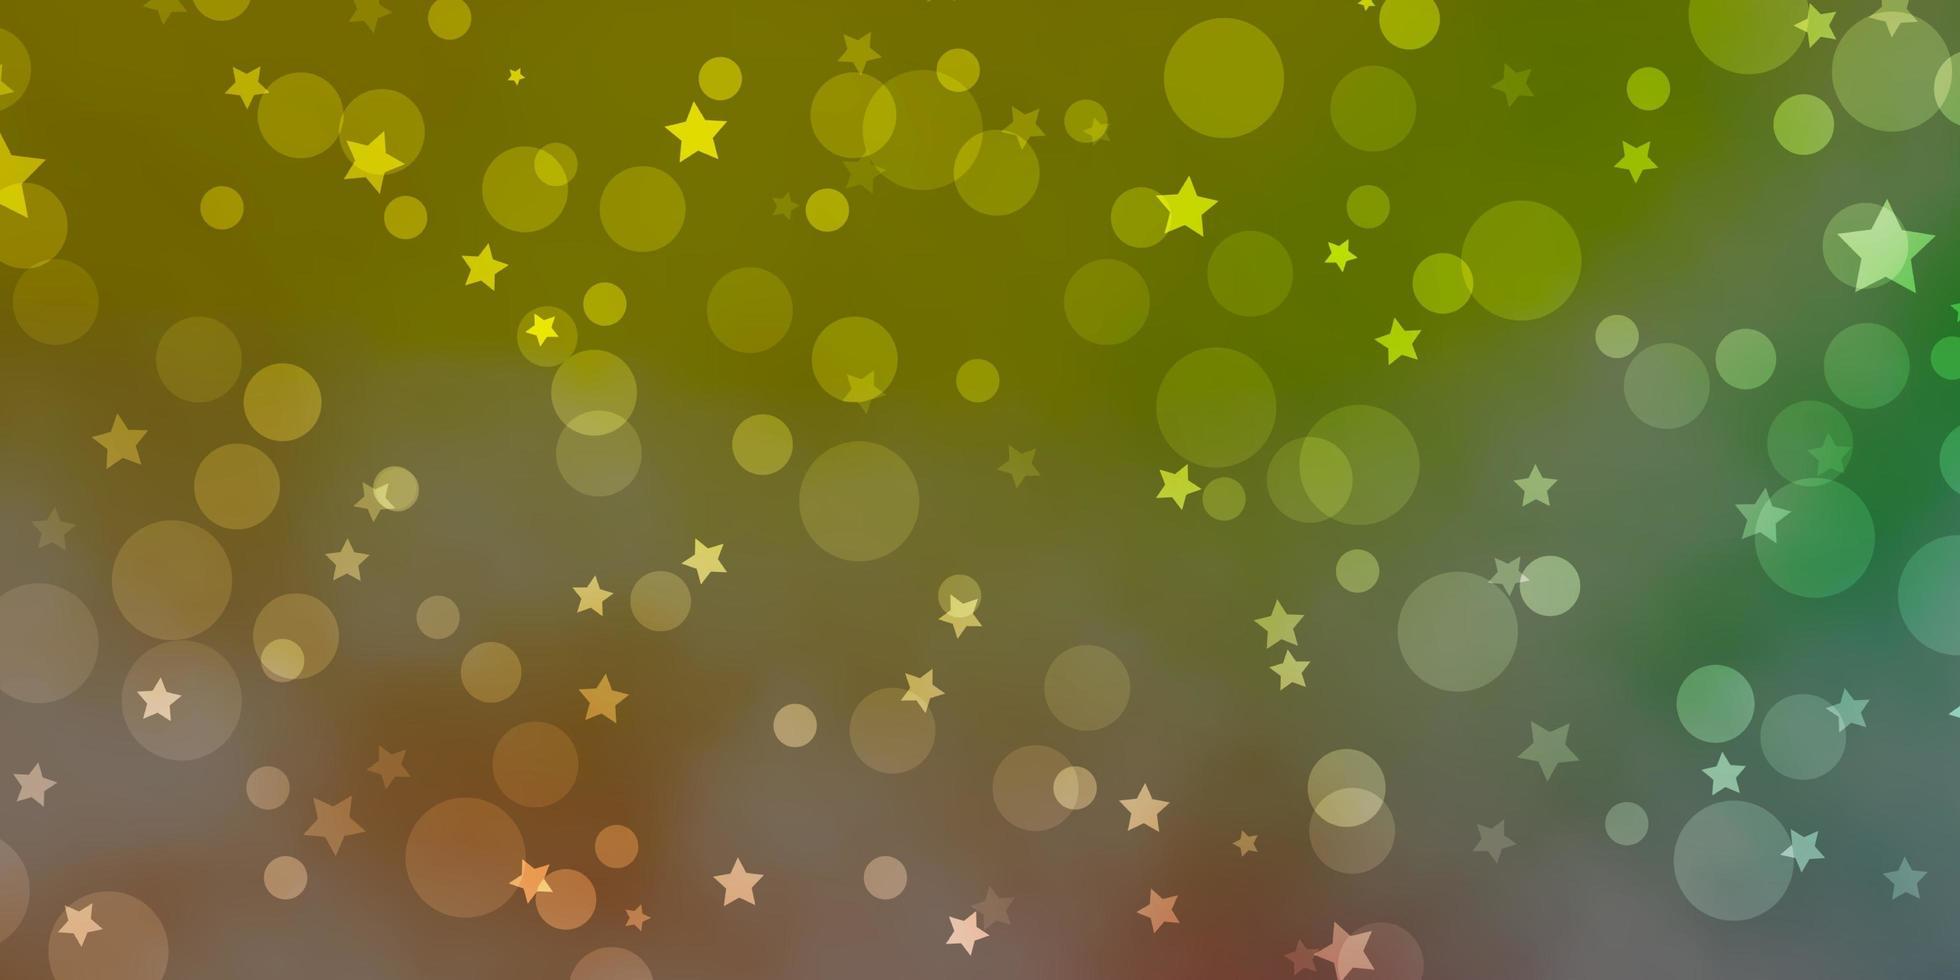 ljusgrön, röd vektorbakgrund med cirklar, stjärnor. vektor